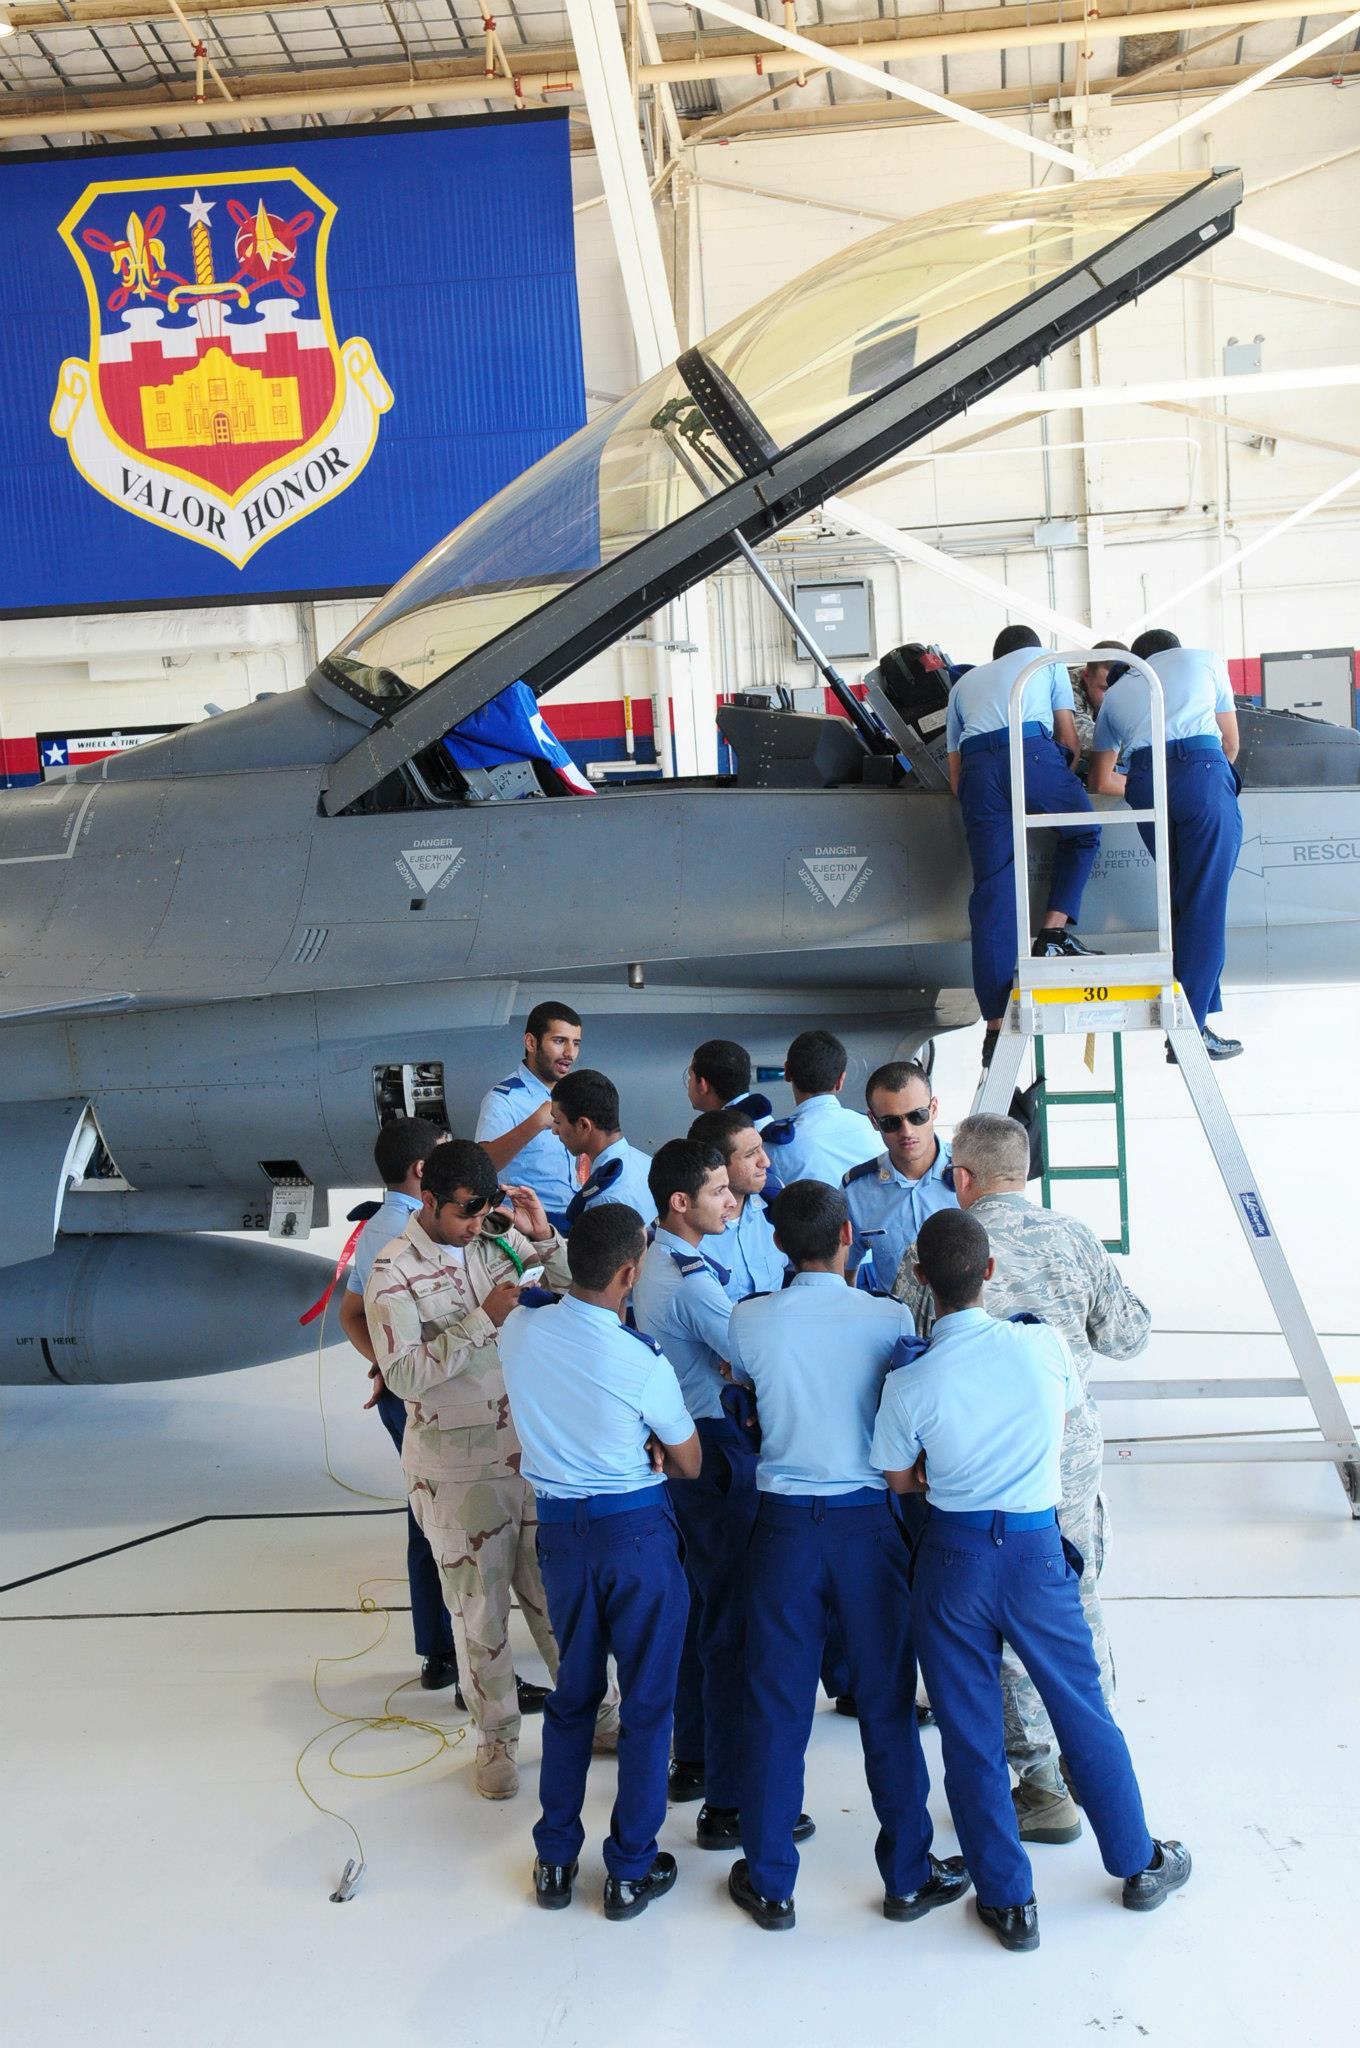 الموسوعه الفوغترافيه لصور القوات الجويه الملكيه السعوديه ( rsaf ) 50393215kjfgofgd4fg